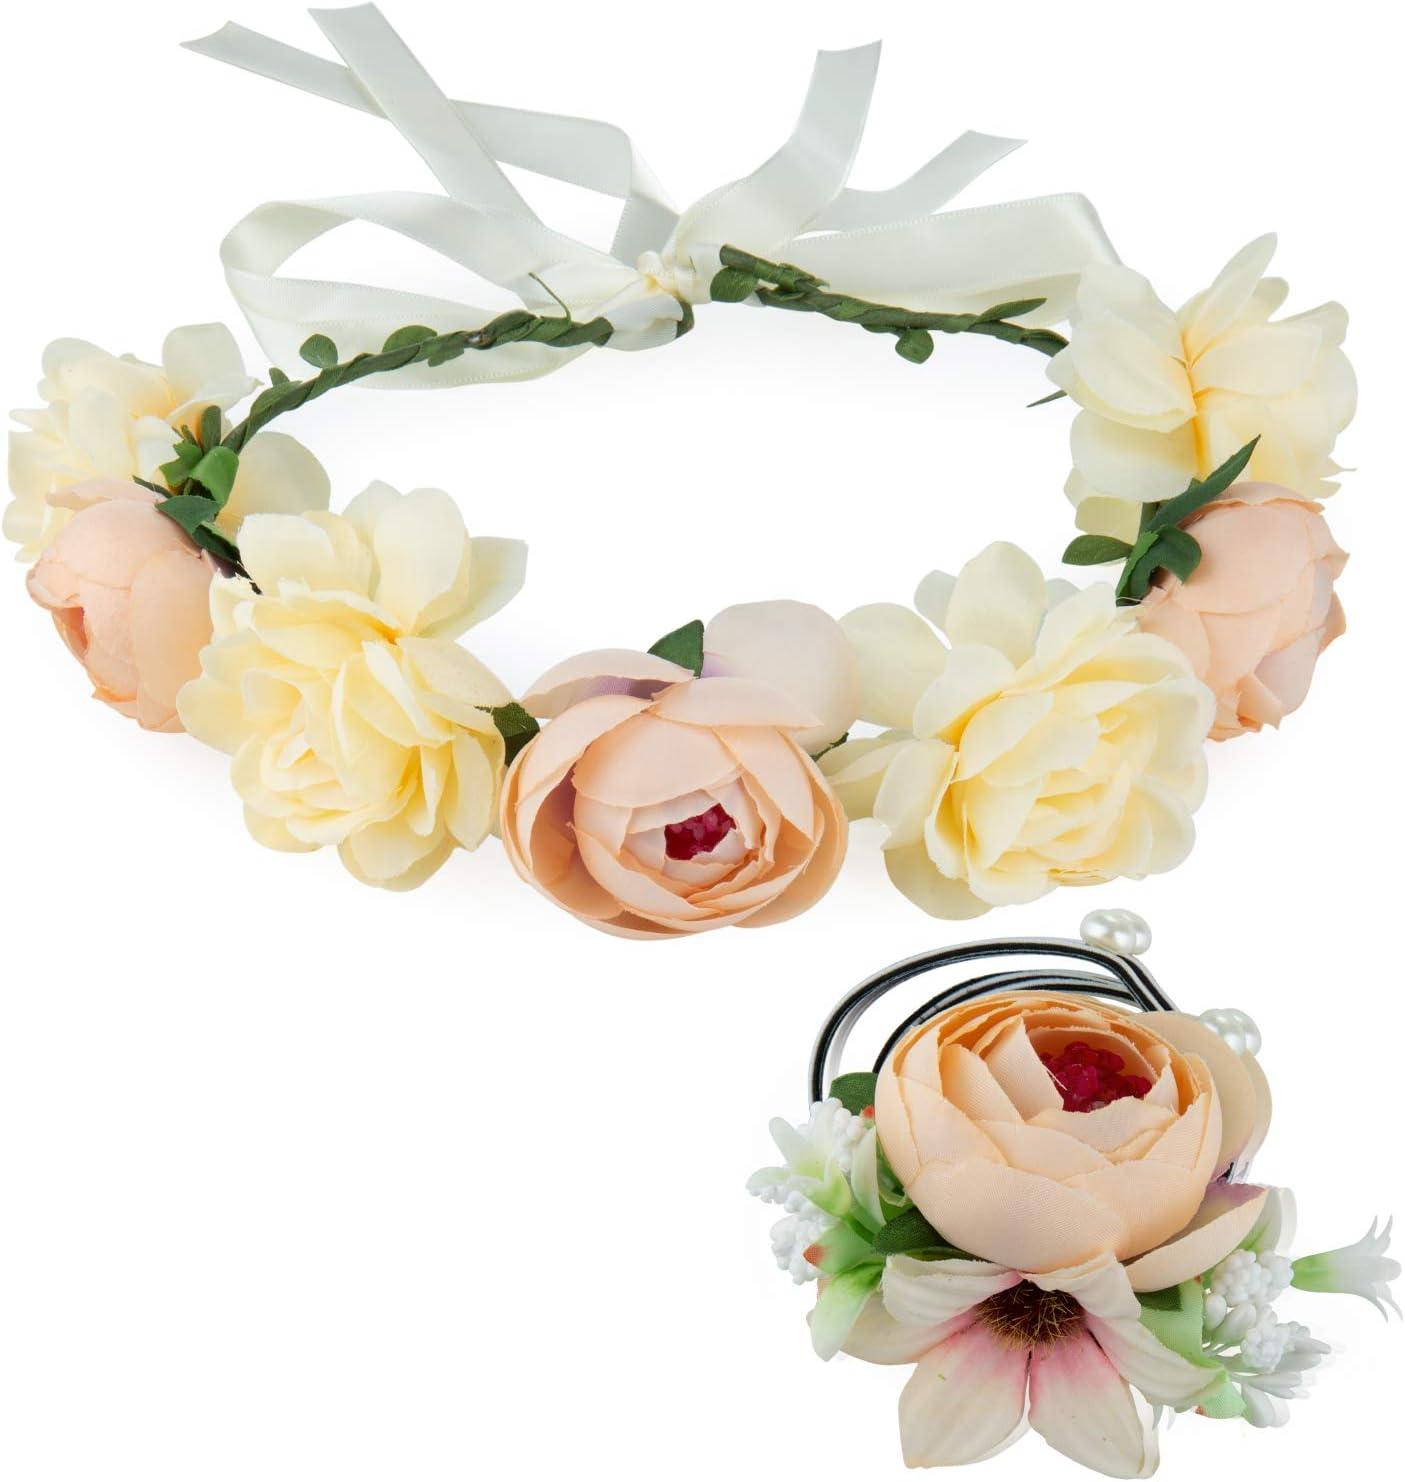 Ghirlanda Floreale per Compleanno Festa Danzante Matrimonio ZWOOS Corona di fiori e Braccialetto di fiori Bianco